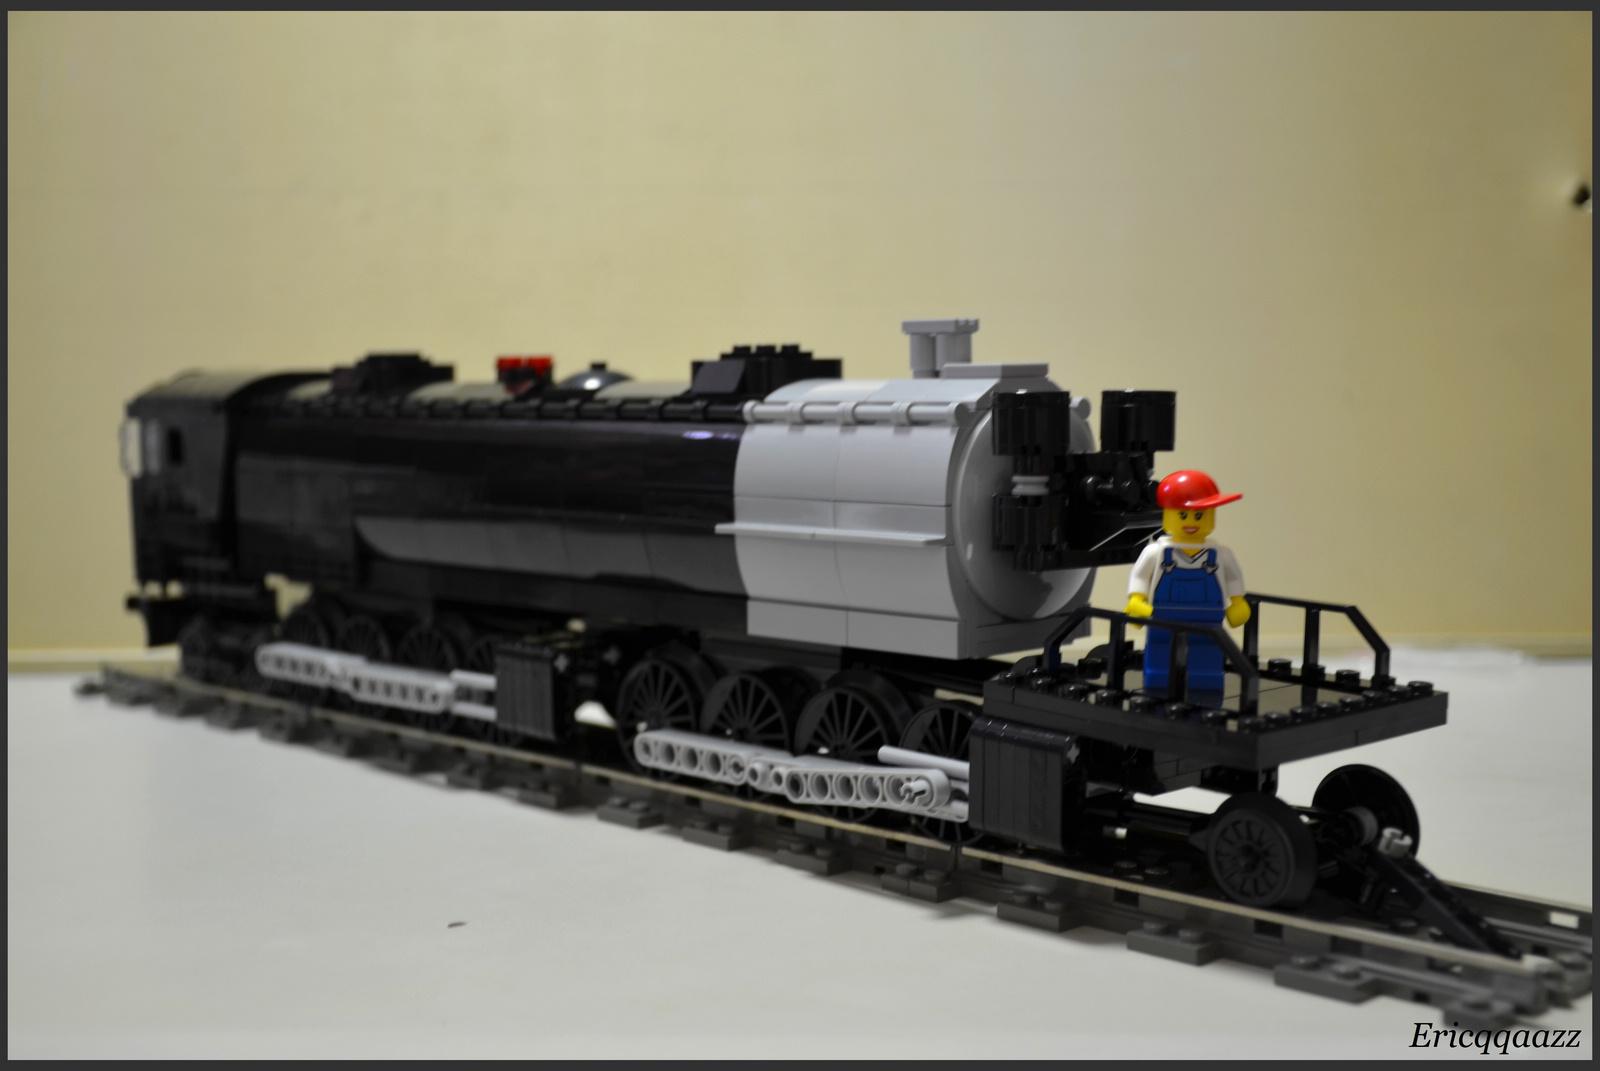 【小E的火車】之SP4294反向蒸汽機車 - 繁華都市 - 玩樂天堂 pockyland